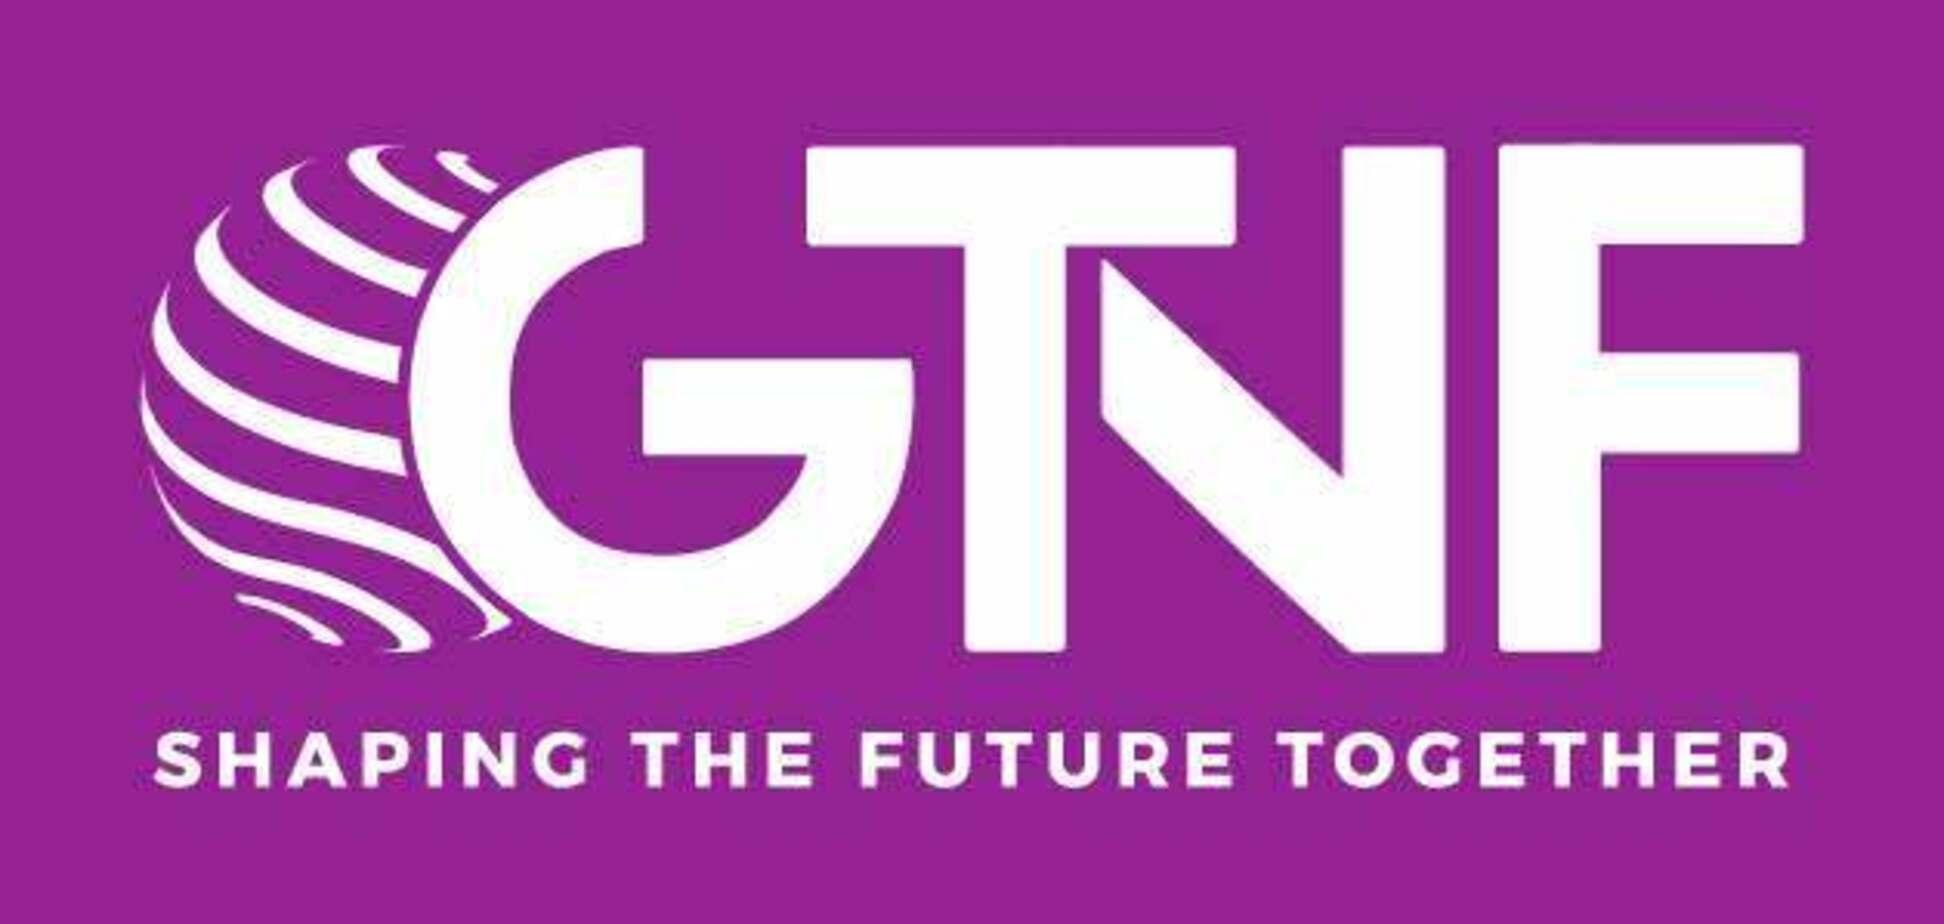 Що заважає зменшити шкоду від куріння і як подолати бар'єри на шляху інновацій: підсумки форуму GTNF 2021